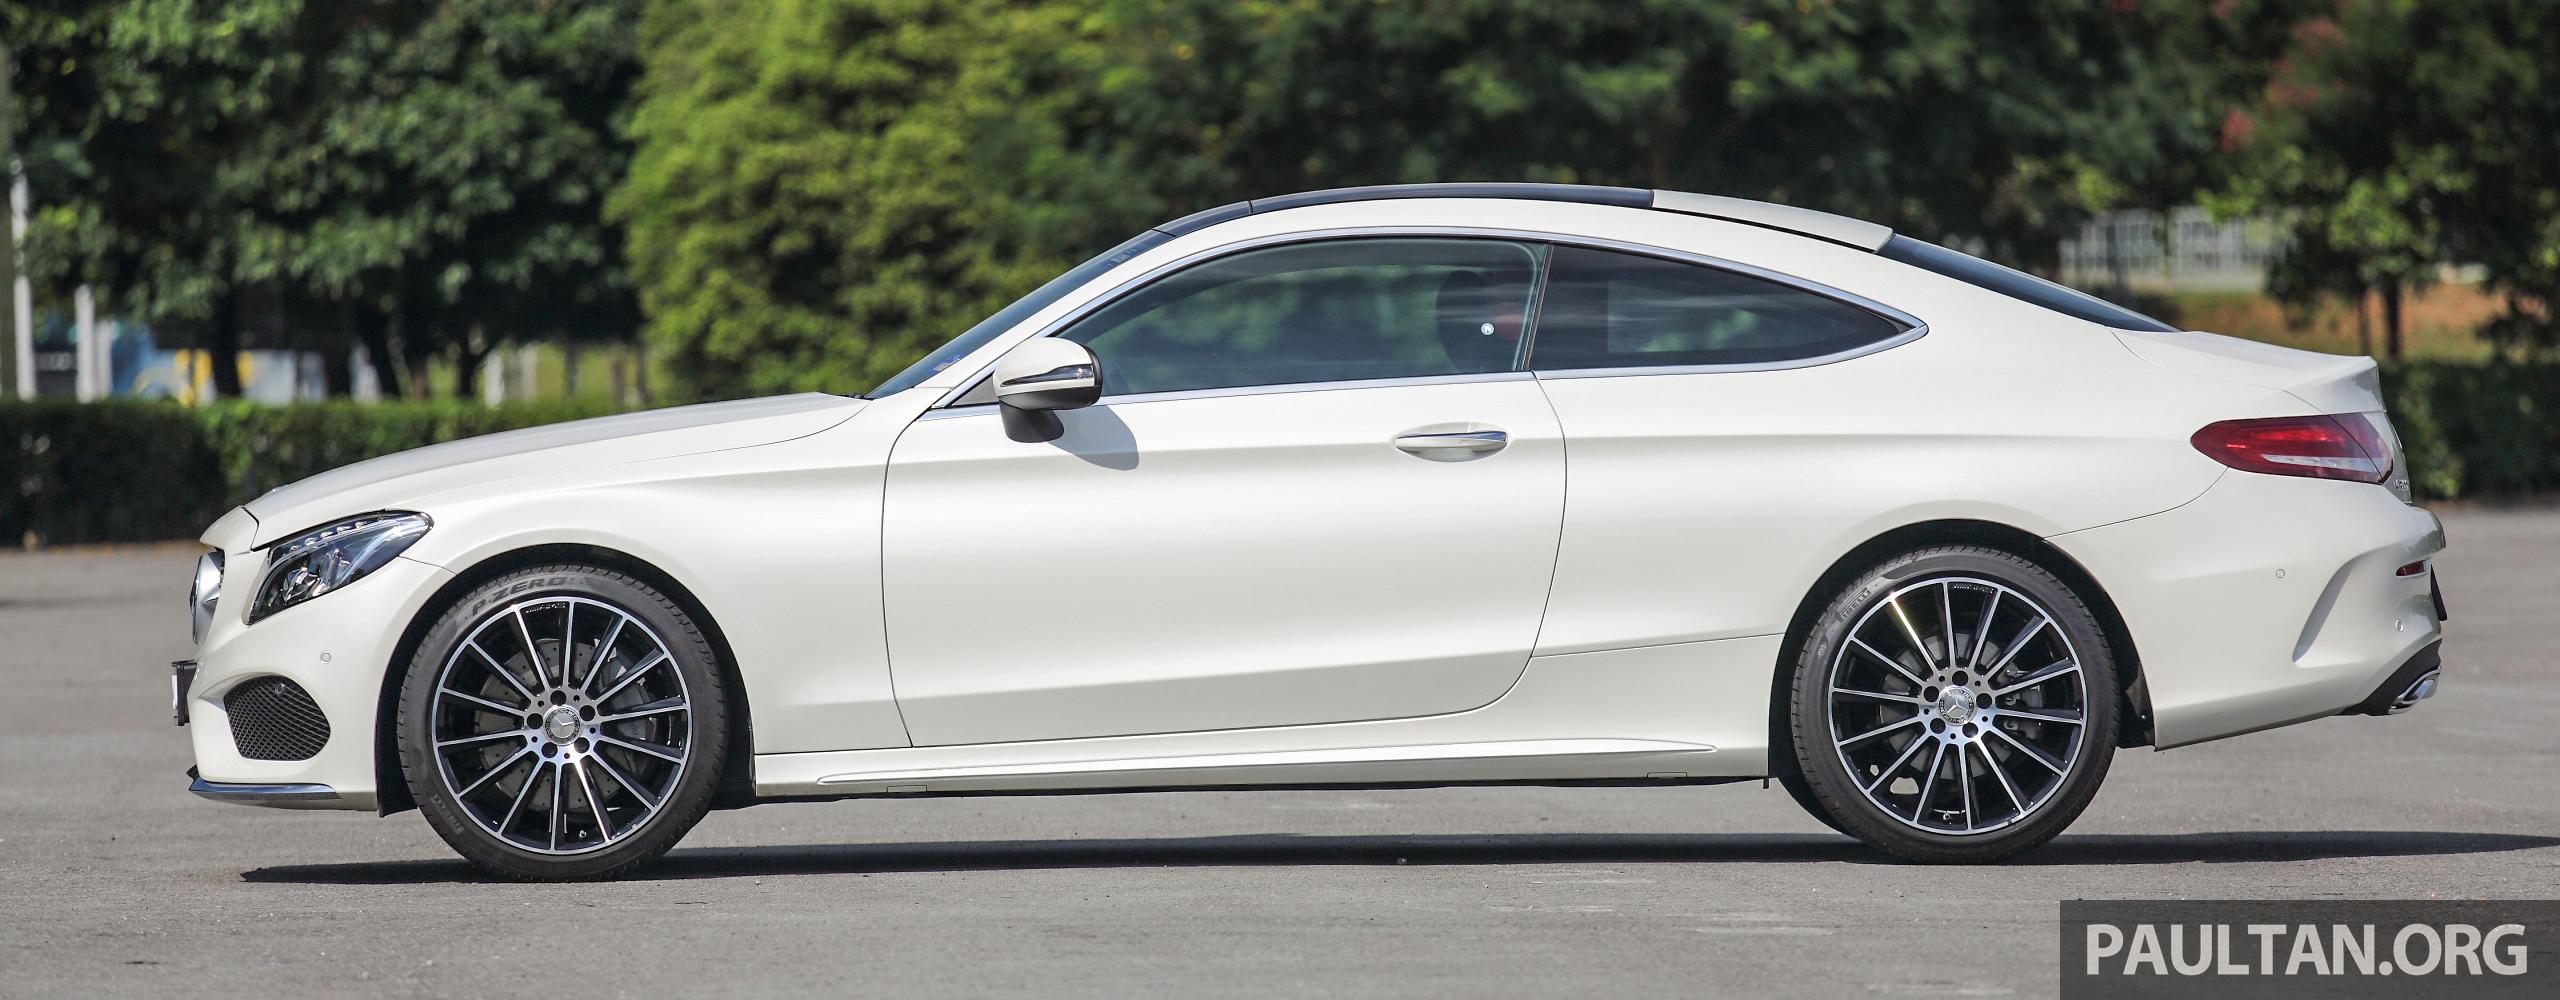 Mercedes Benz C White